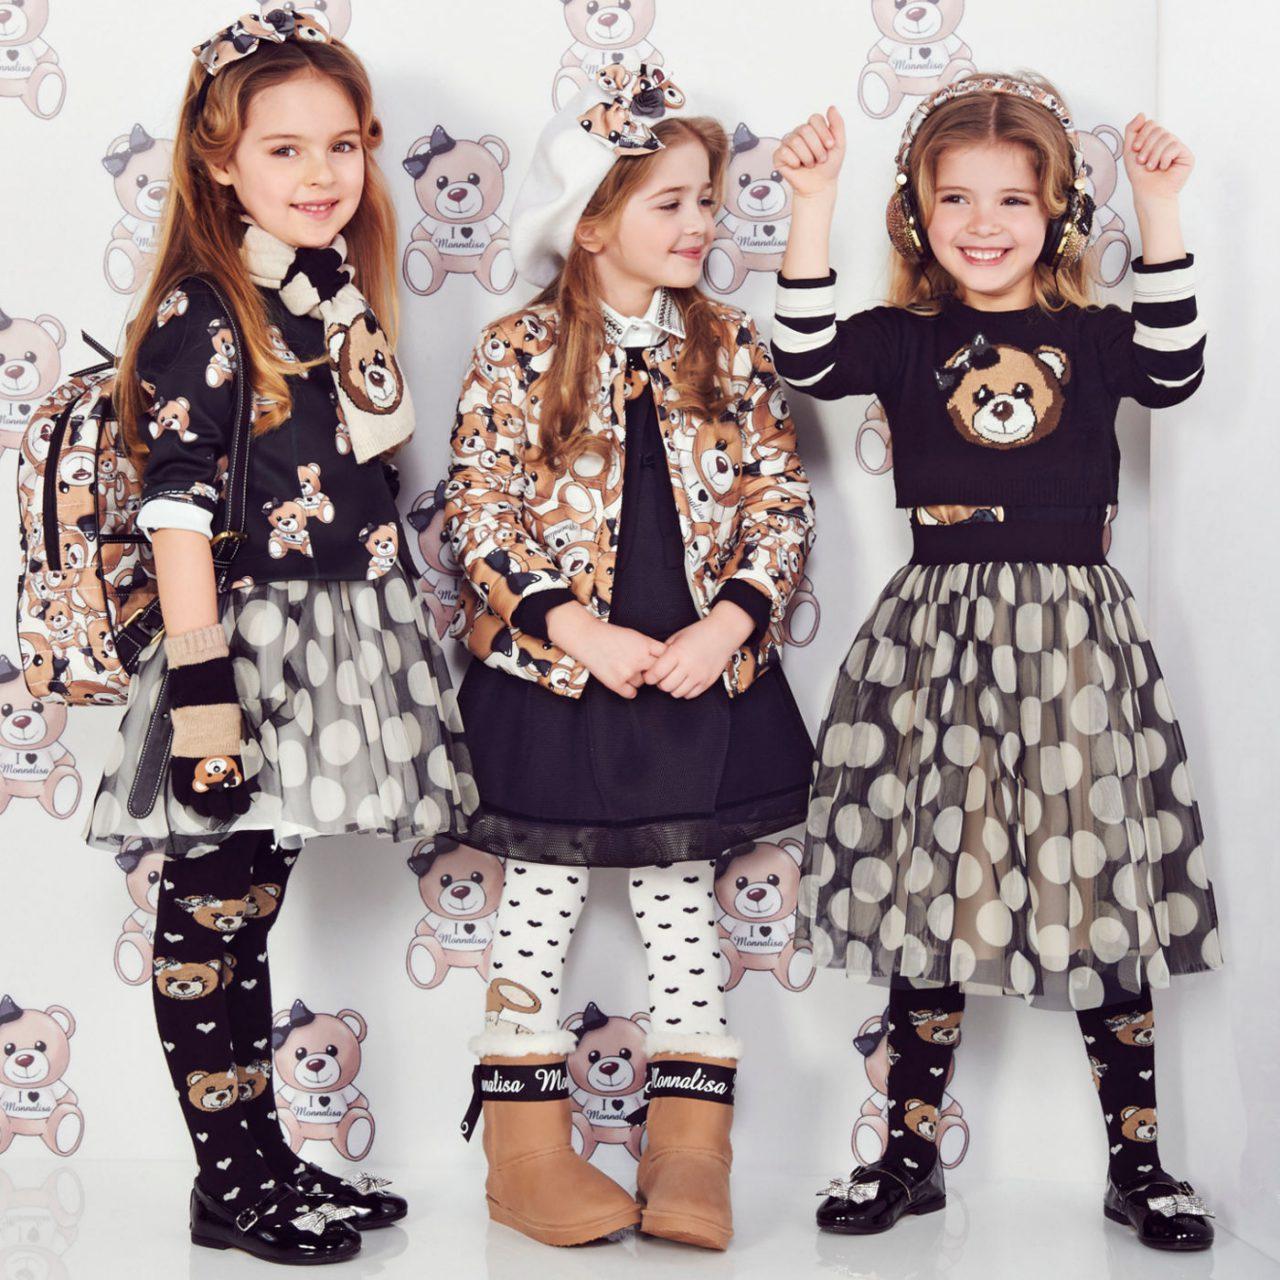 abbigliamento bambini on line